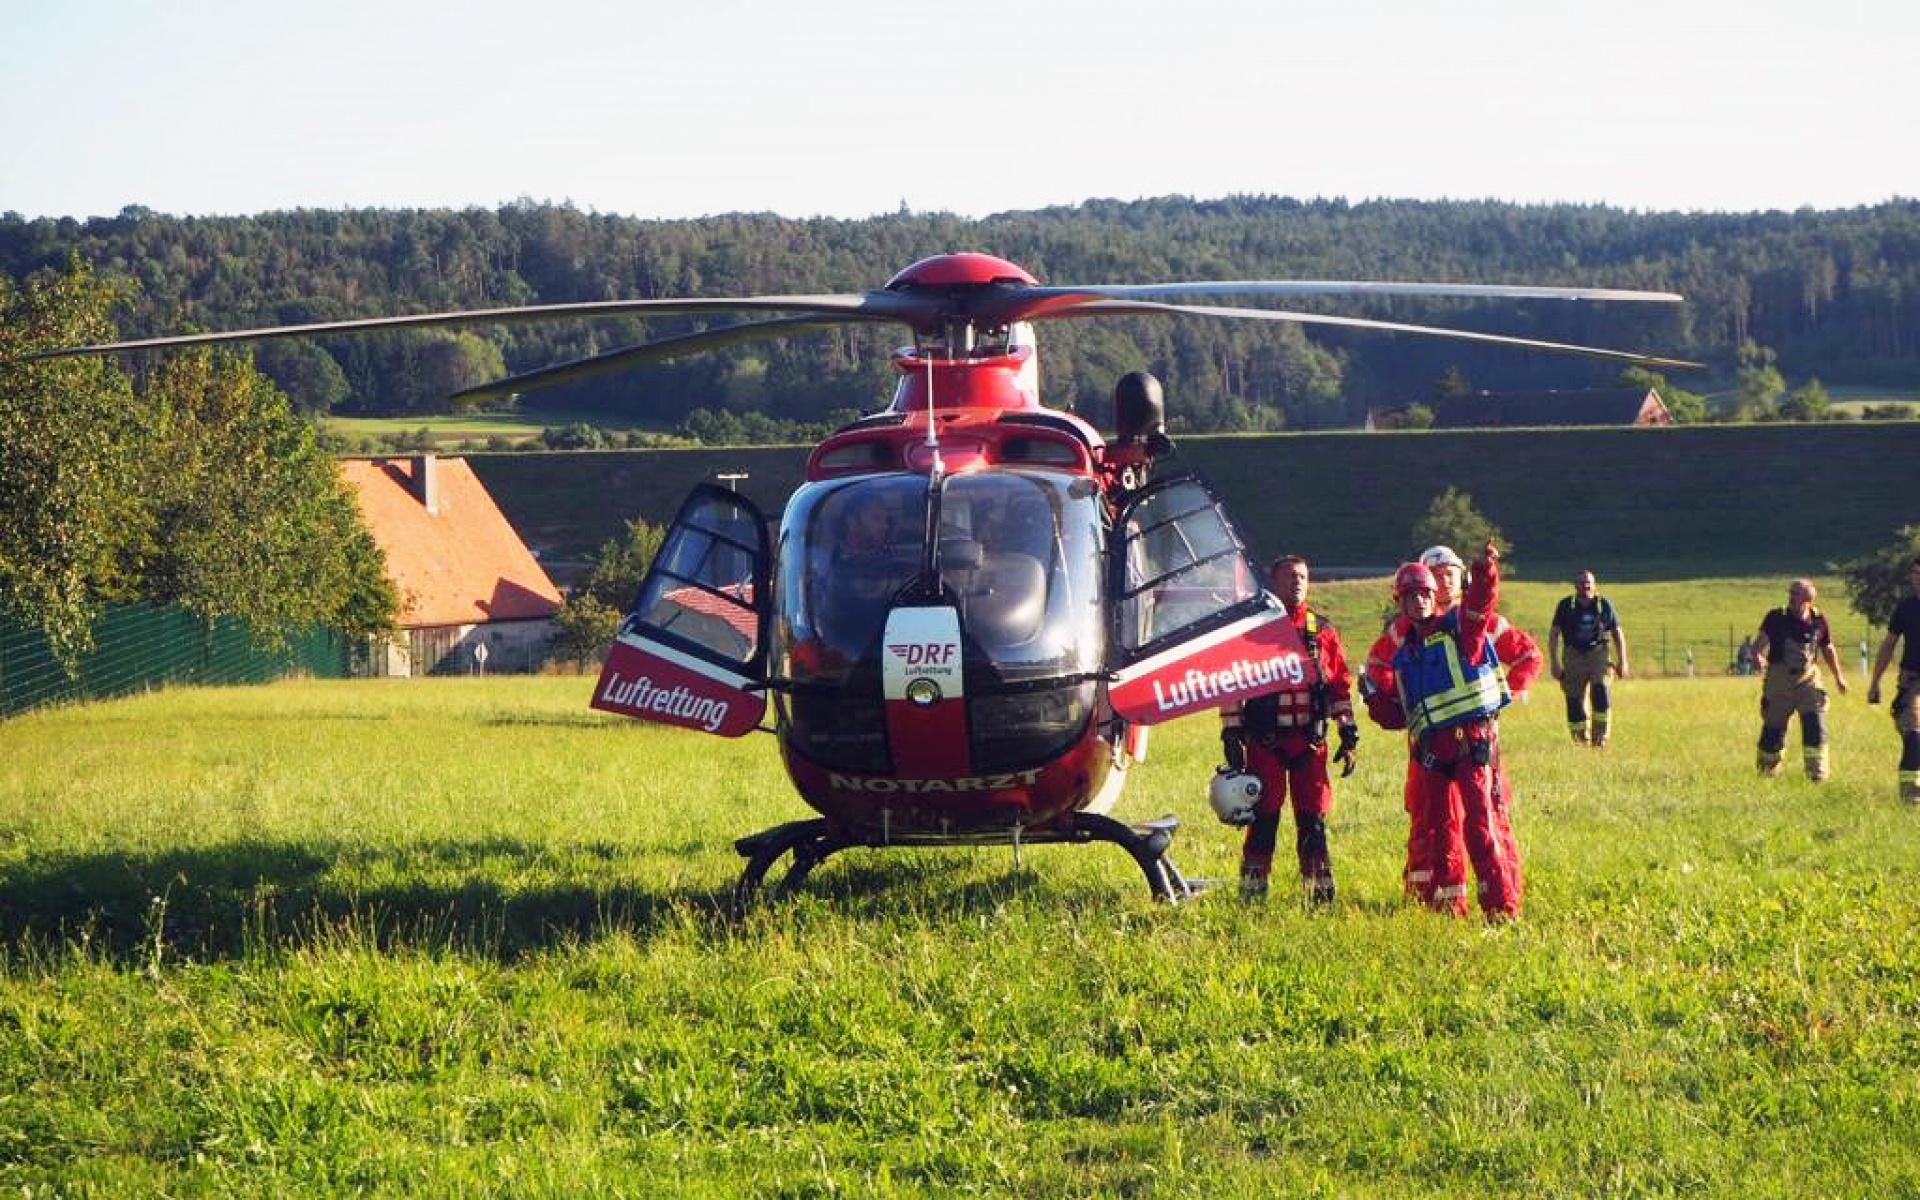 """Für die Crew von Christoph 27 war es eine """"Operation auf sehr hohem Niveau"""". Foto Sara Landsleitner"""